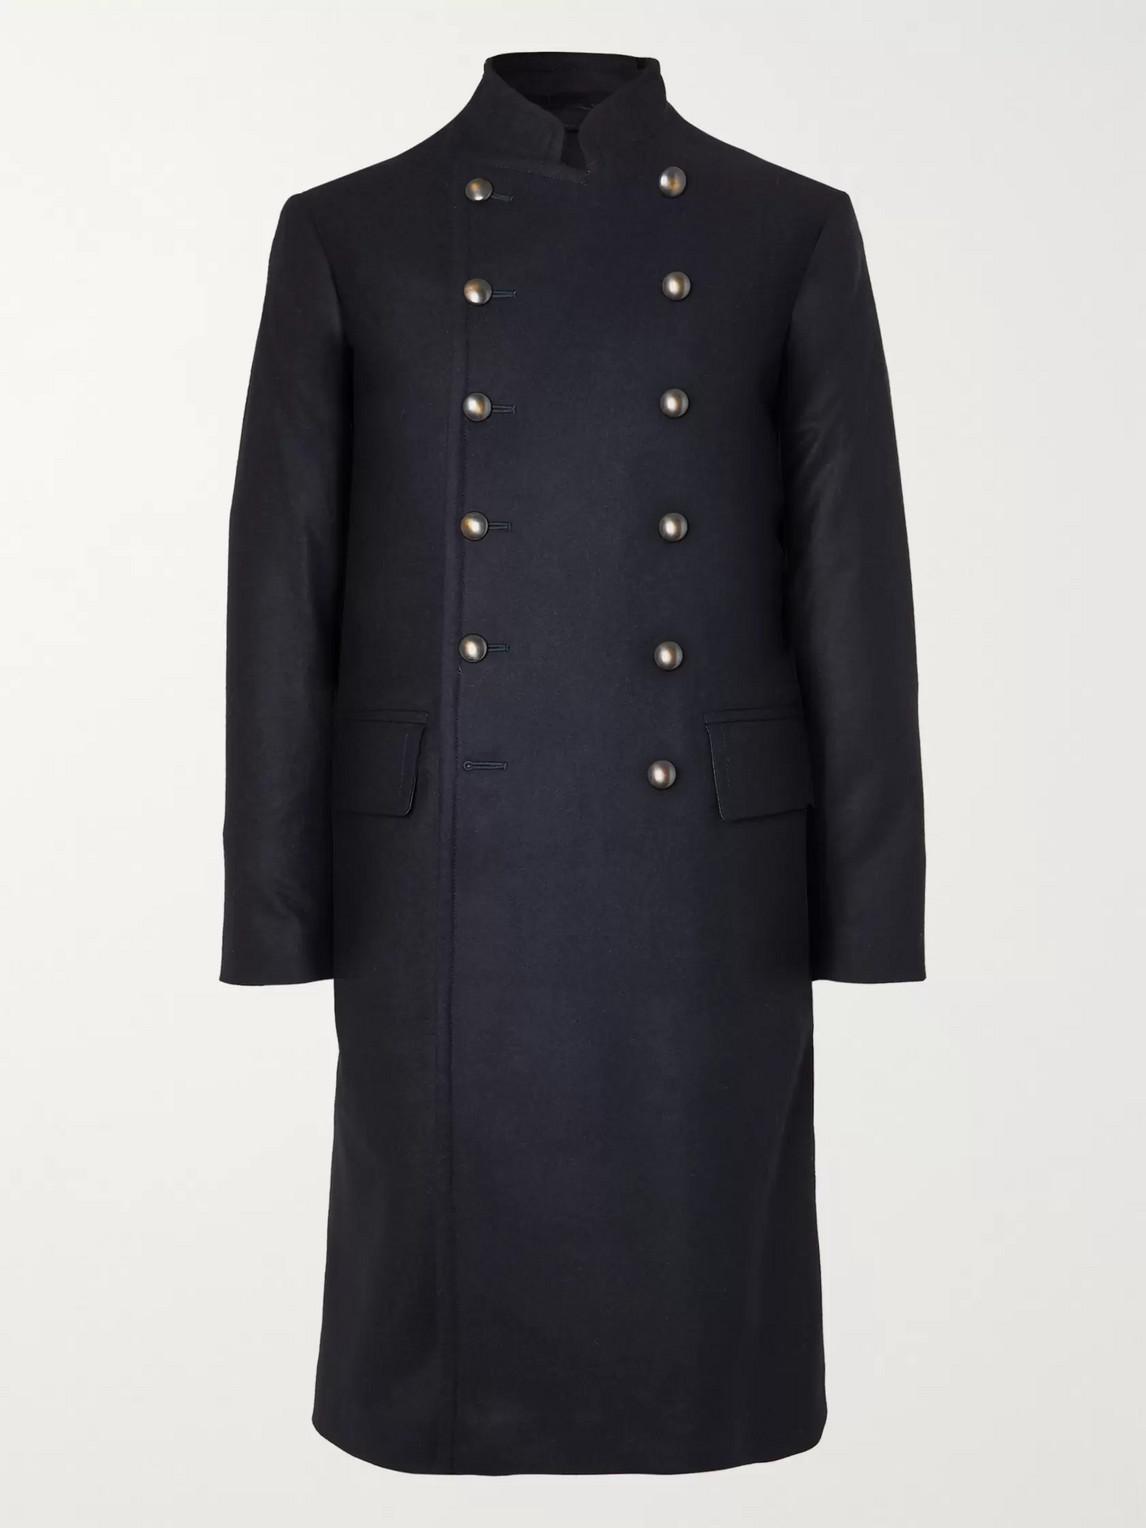 Kingsman Shola Slim-fit Wool And Alpaca-blend Coat In Blue